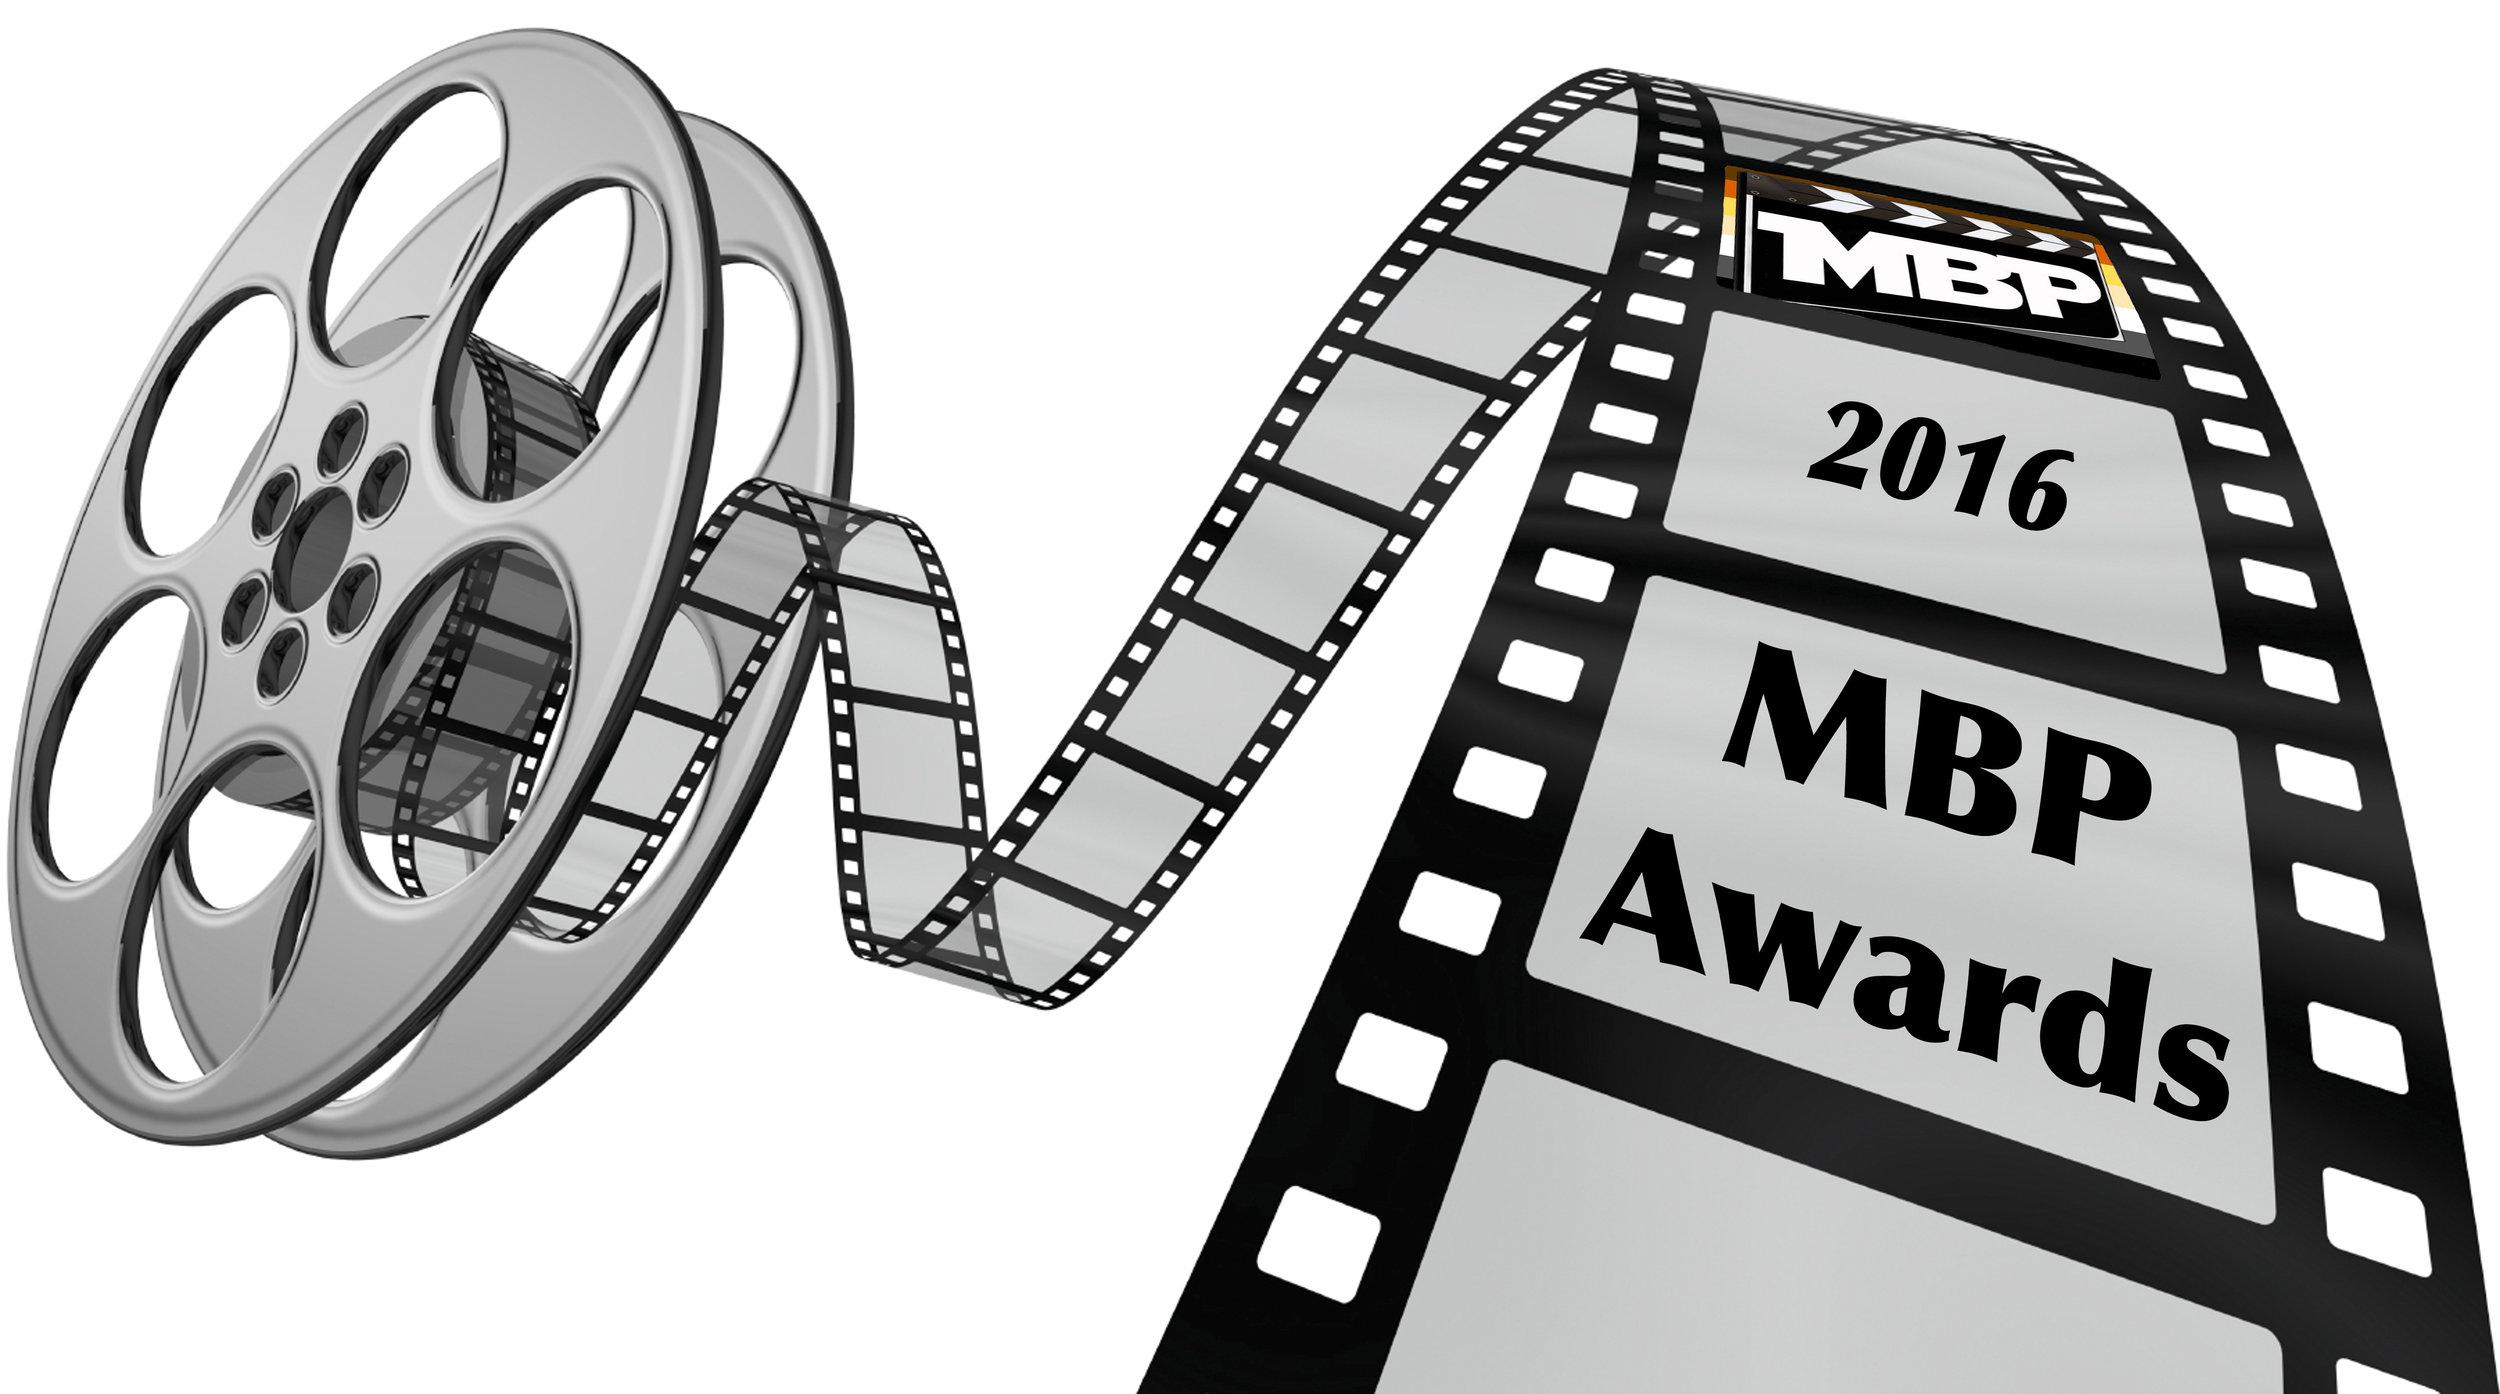 2016 MBP Awards